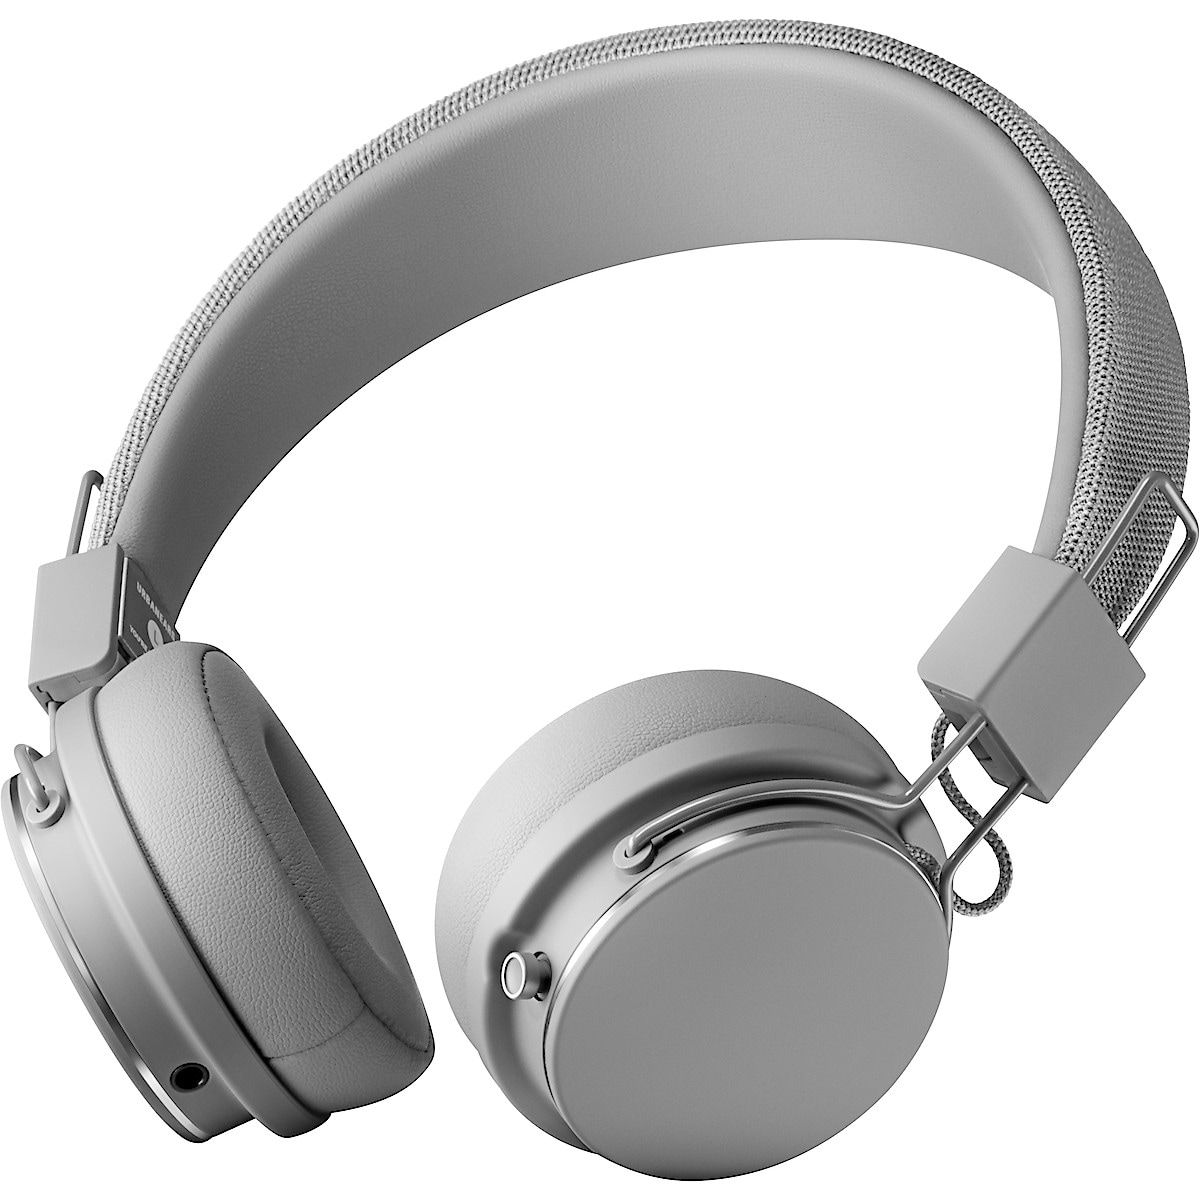 Trådlösa hörlurar med mikrofon, Urbanears Plattan 2 Bluetooth